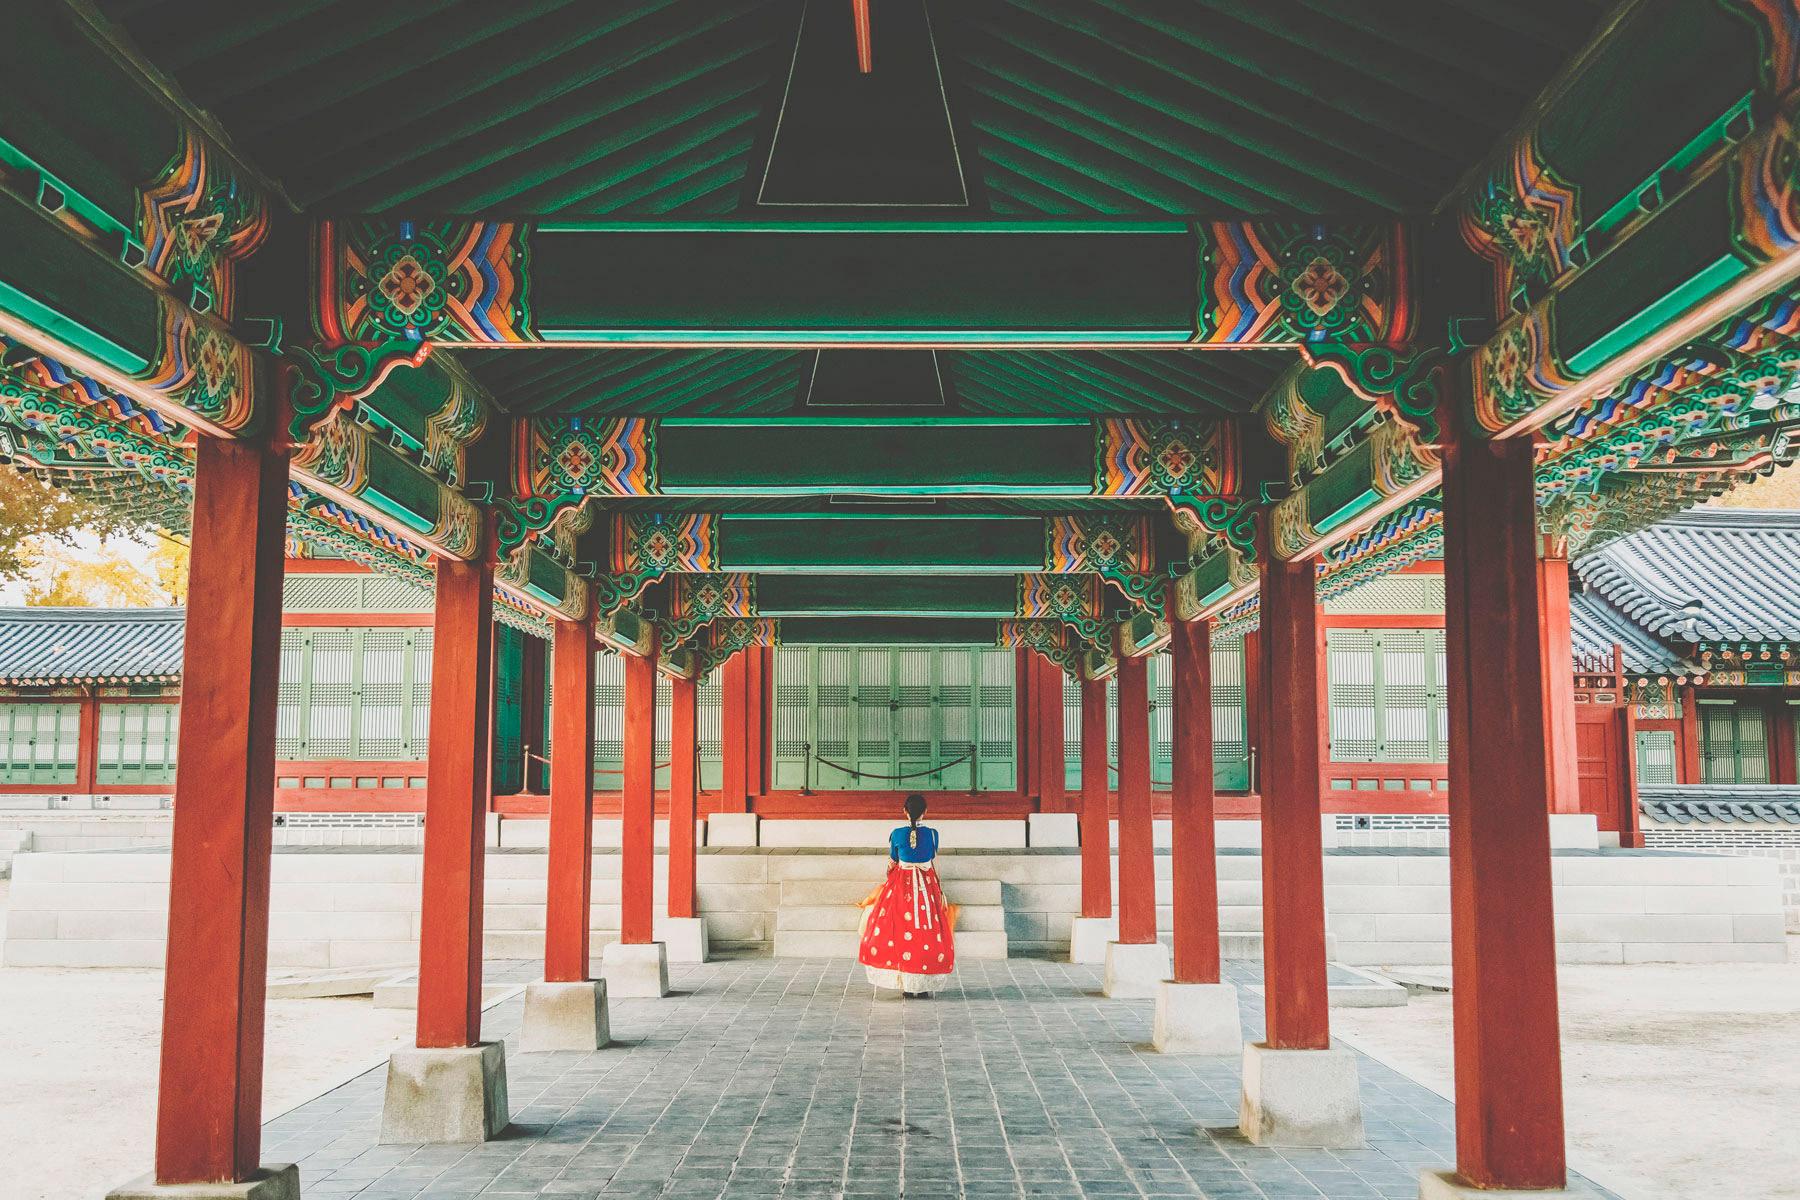 wycieczka_seul_podroz_korea